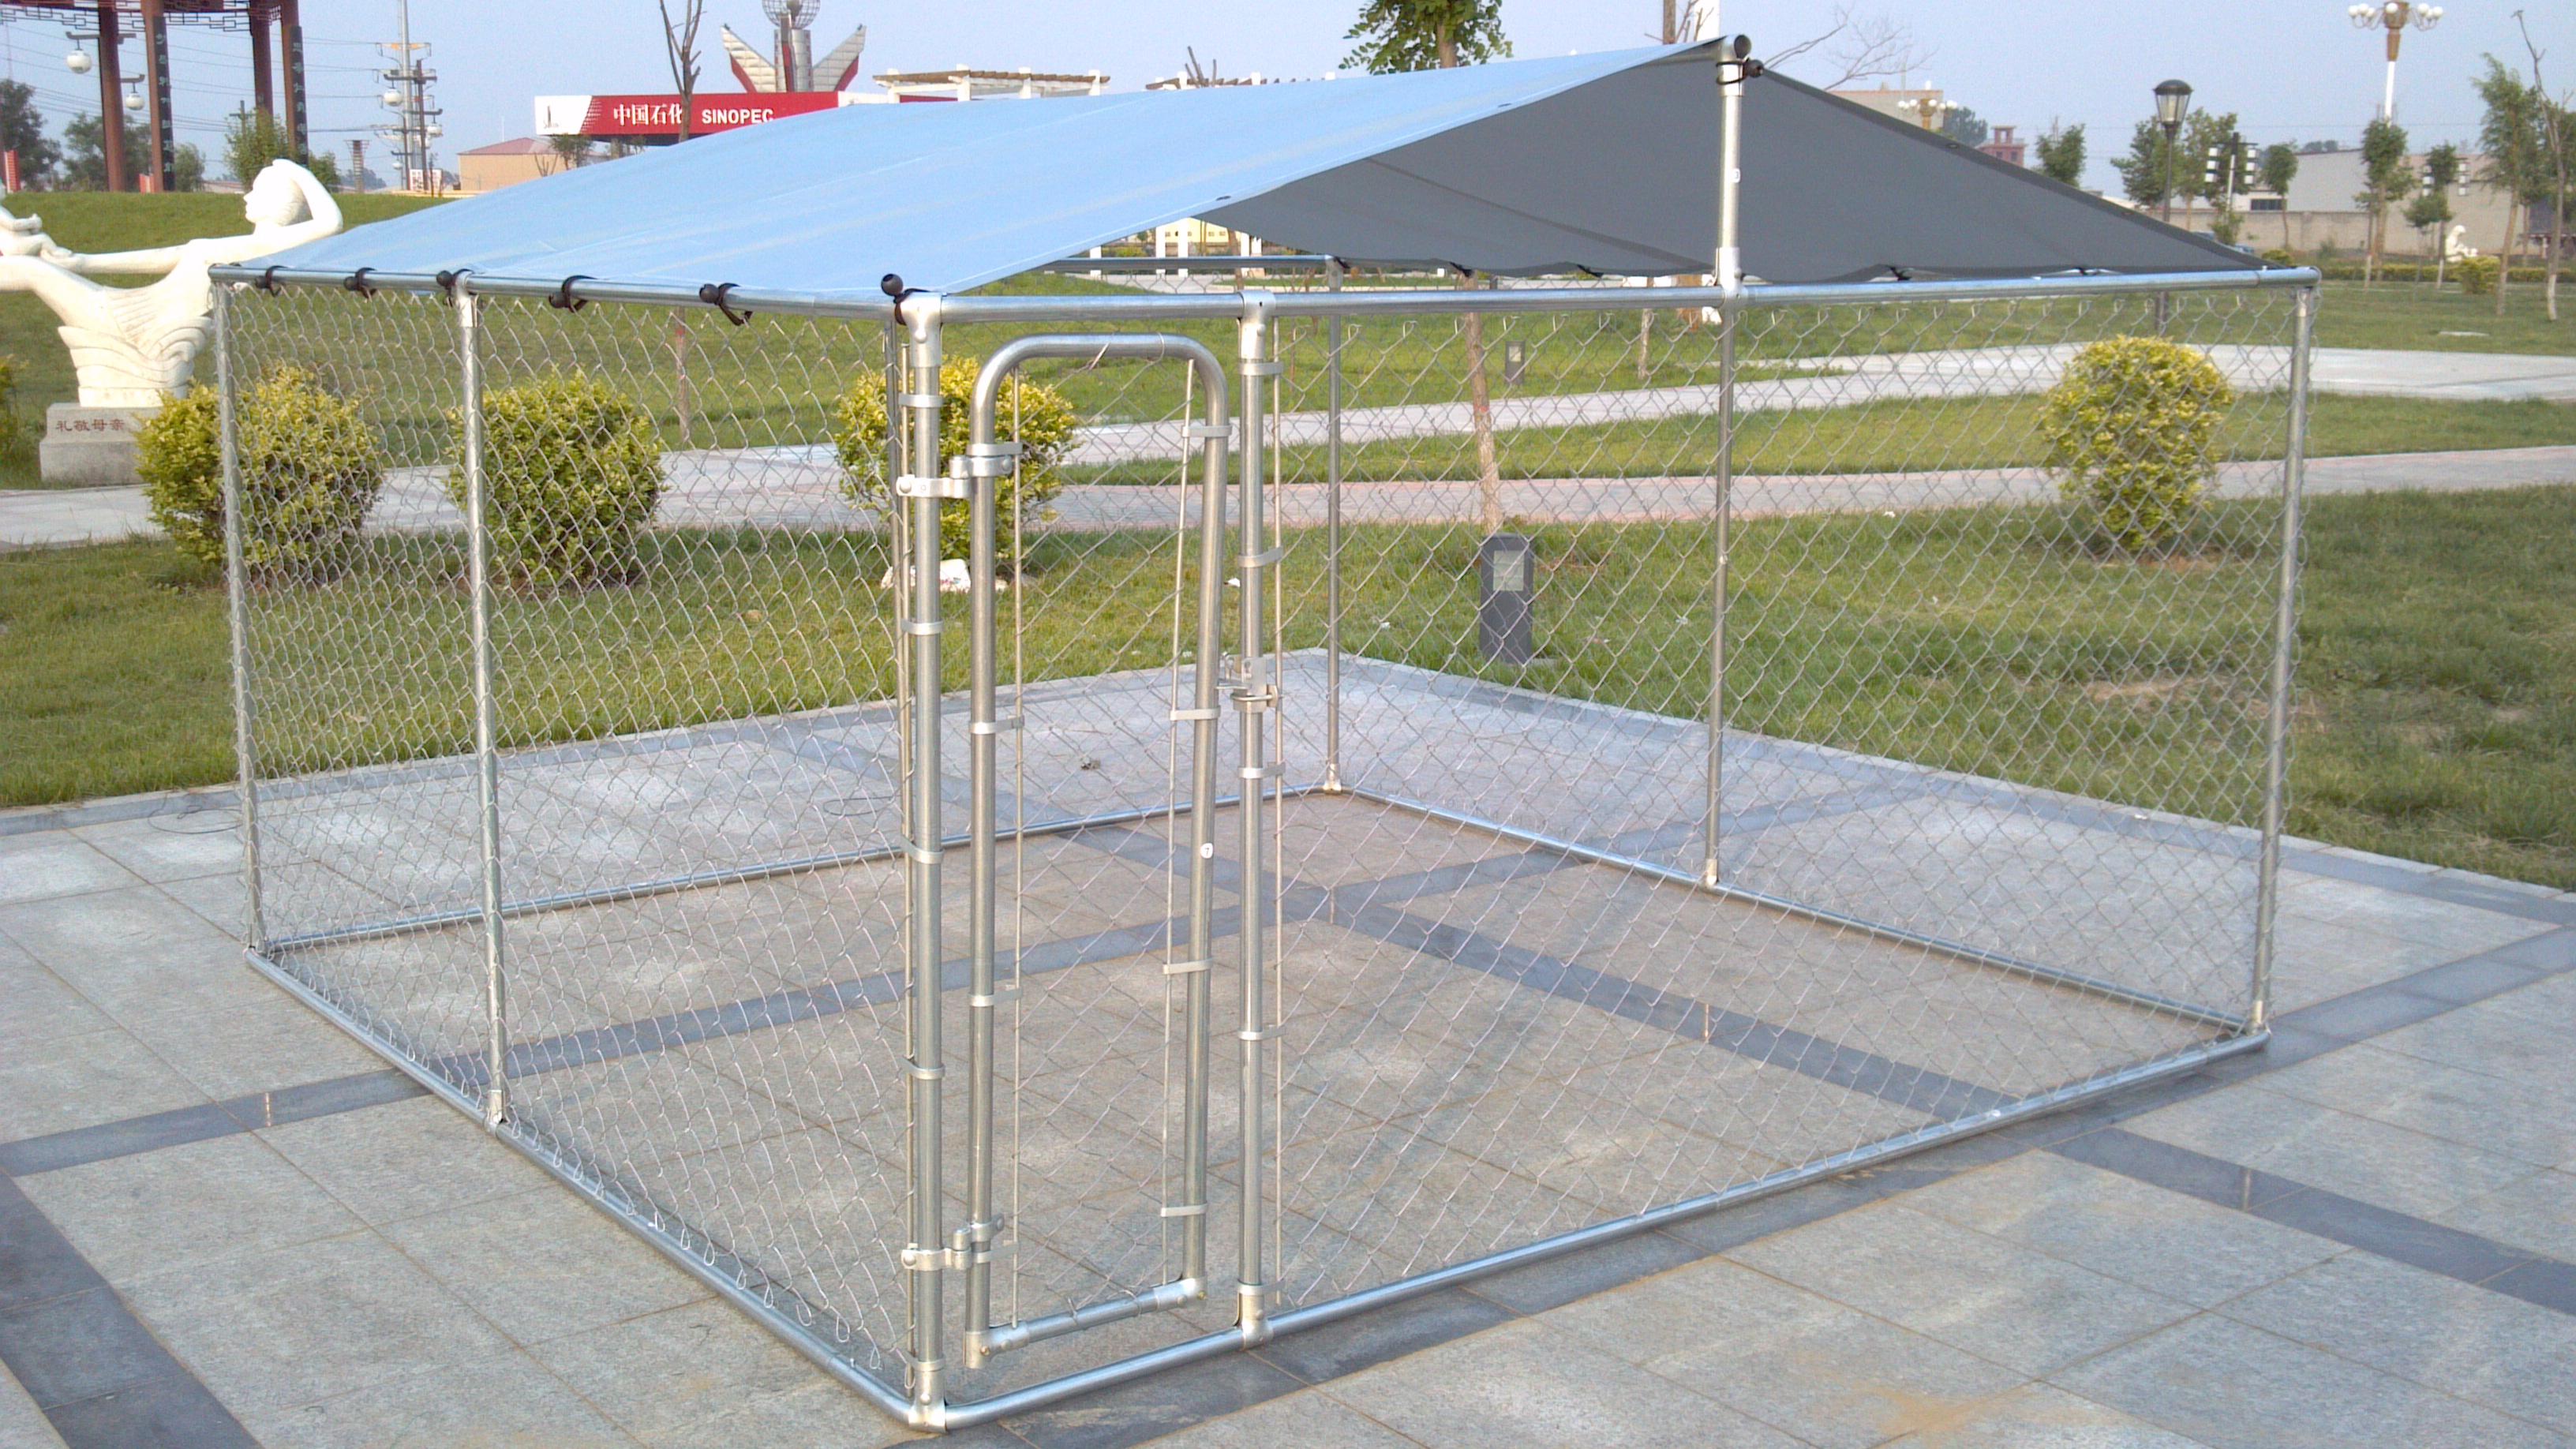 6feet x 10feet x 10feet dog kennel chain link fabric dog fencing ...